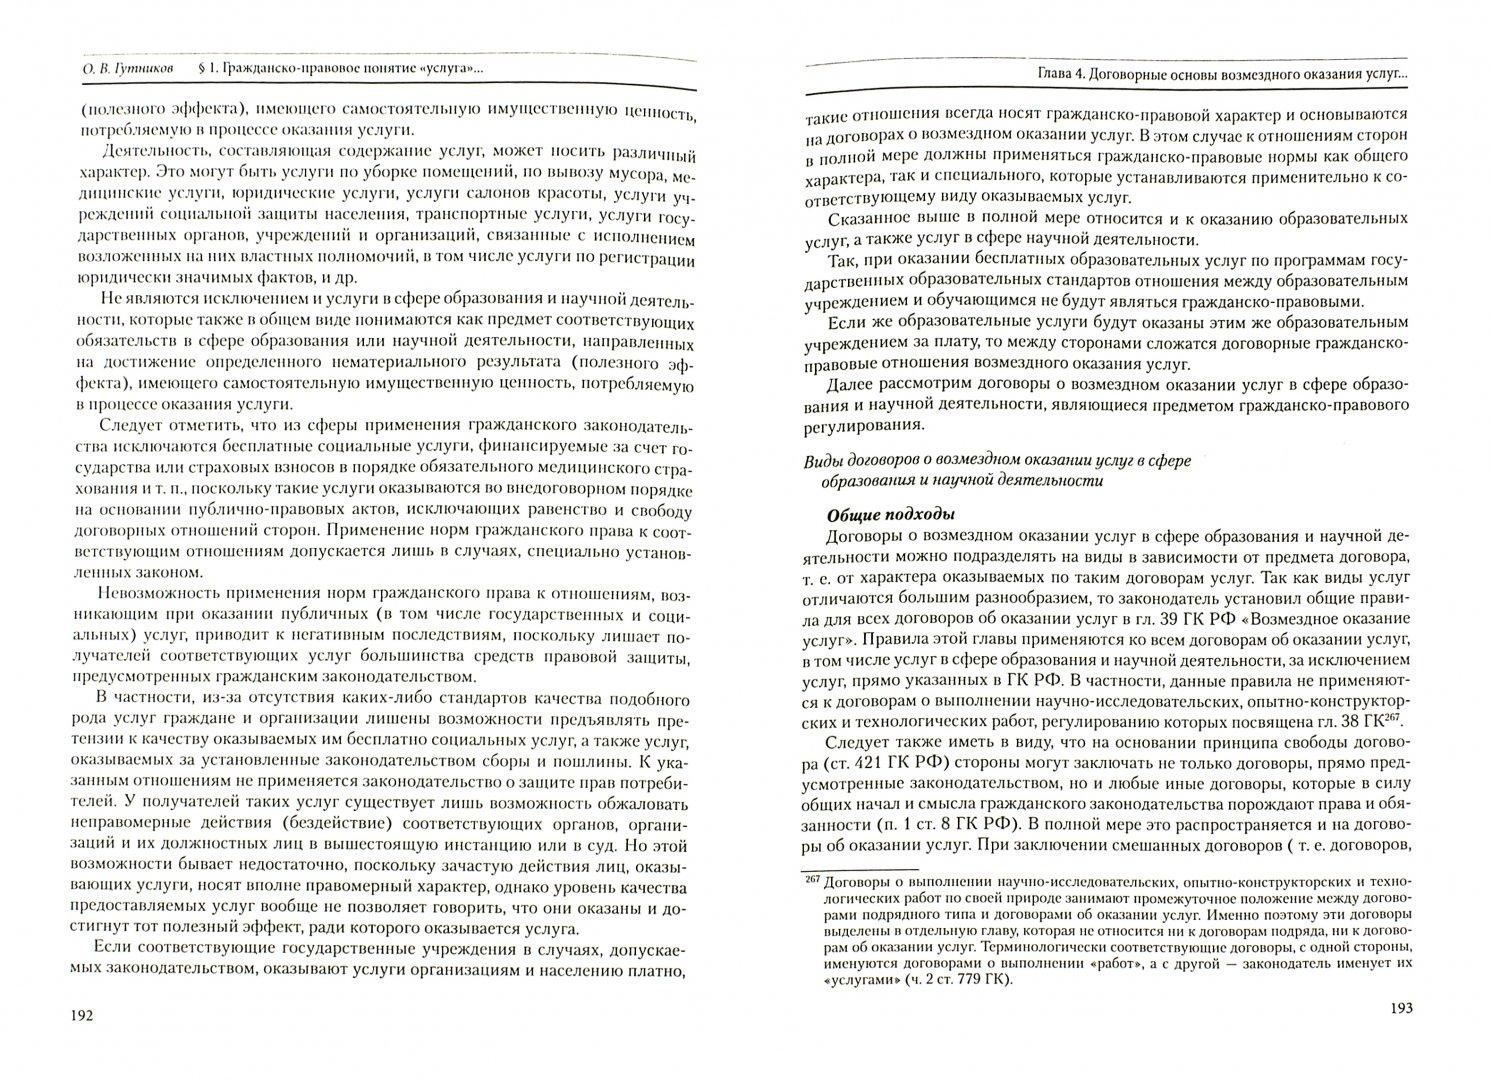 Иллюстрация 1 из 16 для Реформа науки и образования. Сравнительно-правовой и экономико-правовой анализ. Монография - Соловьева, Доронина, Казанцев | Лабиринт - книги. Источник: Лабиринт